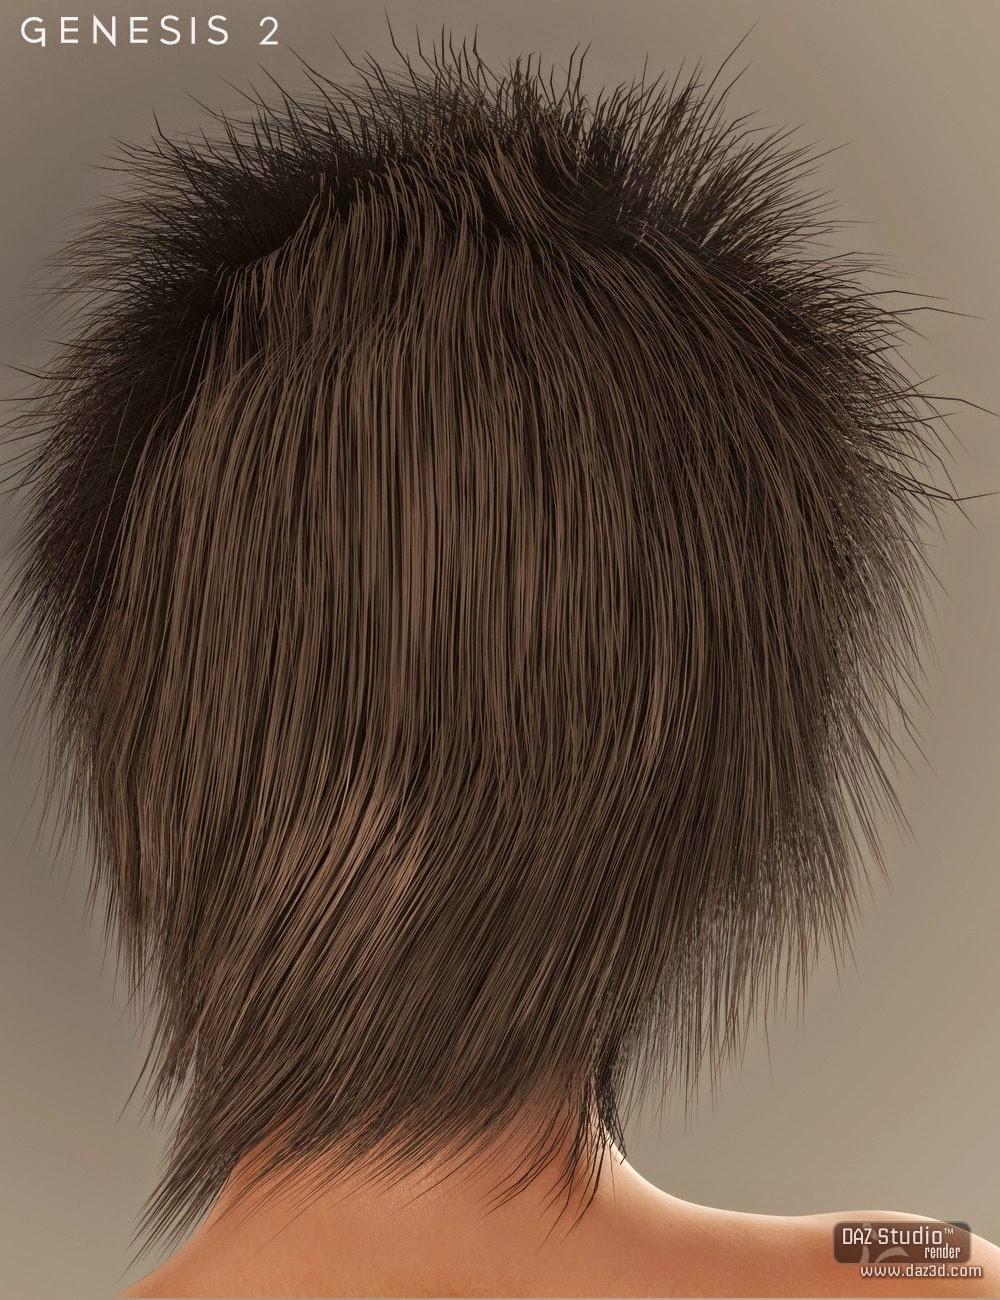 Charlie cheveux pour Genesis 2 Femme